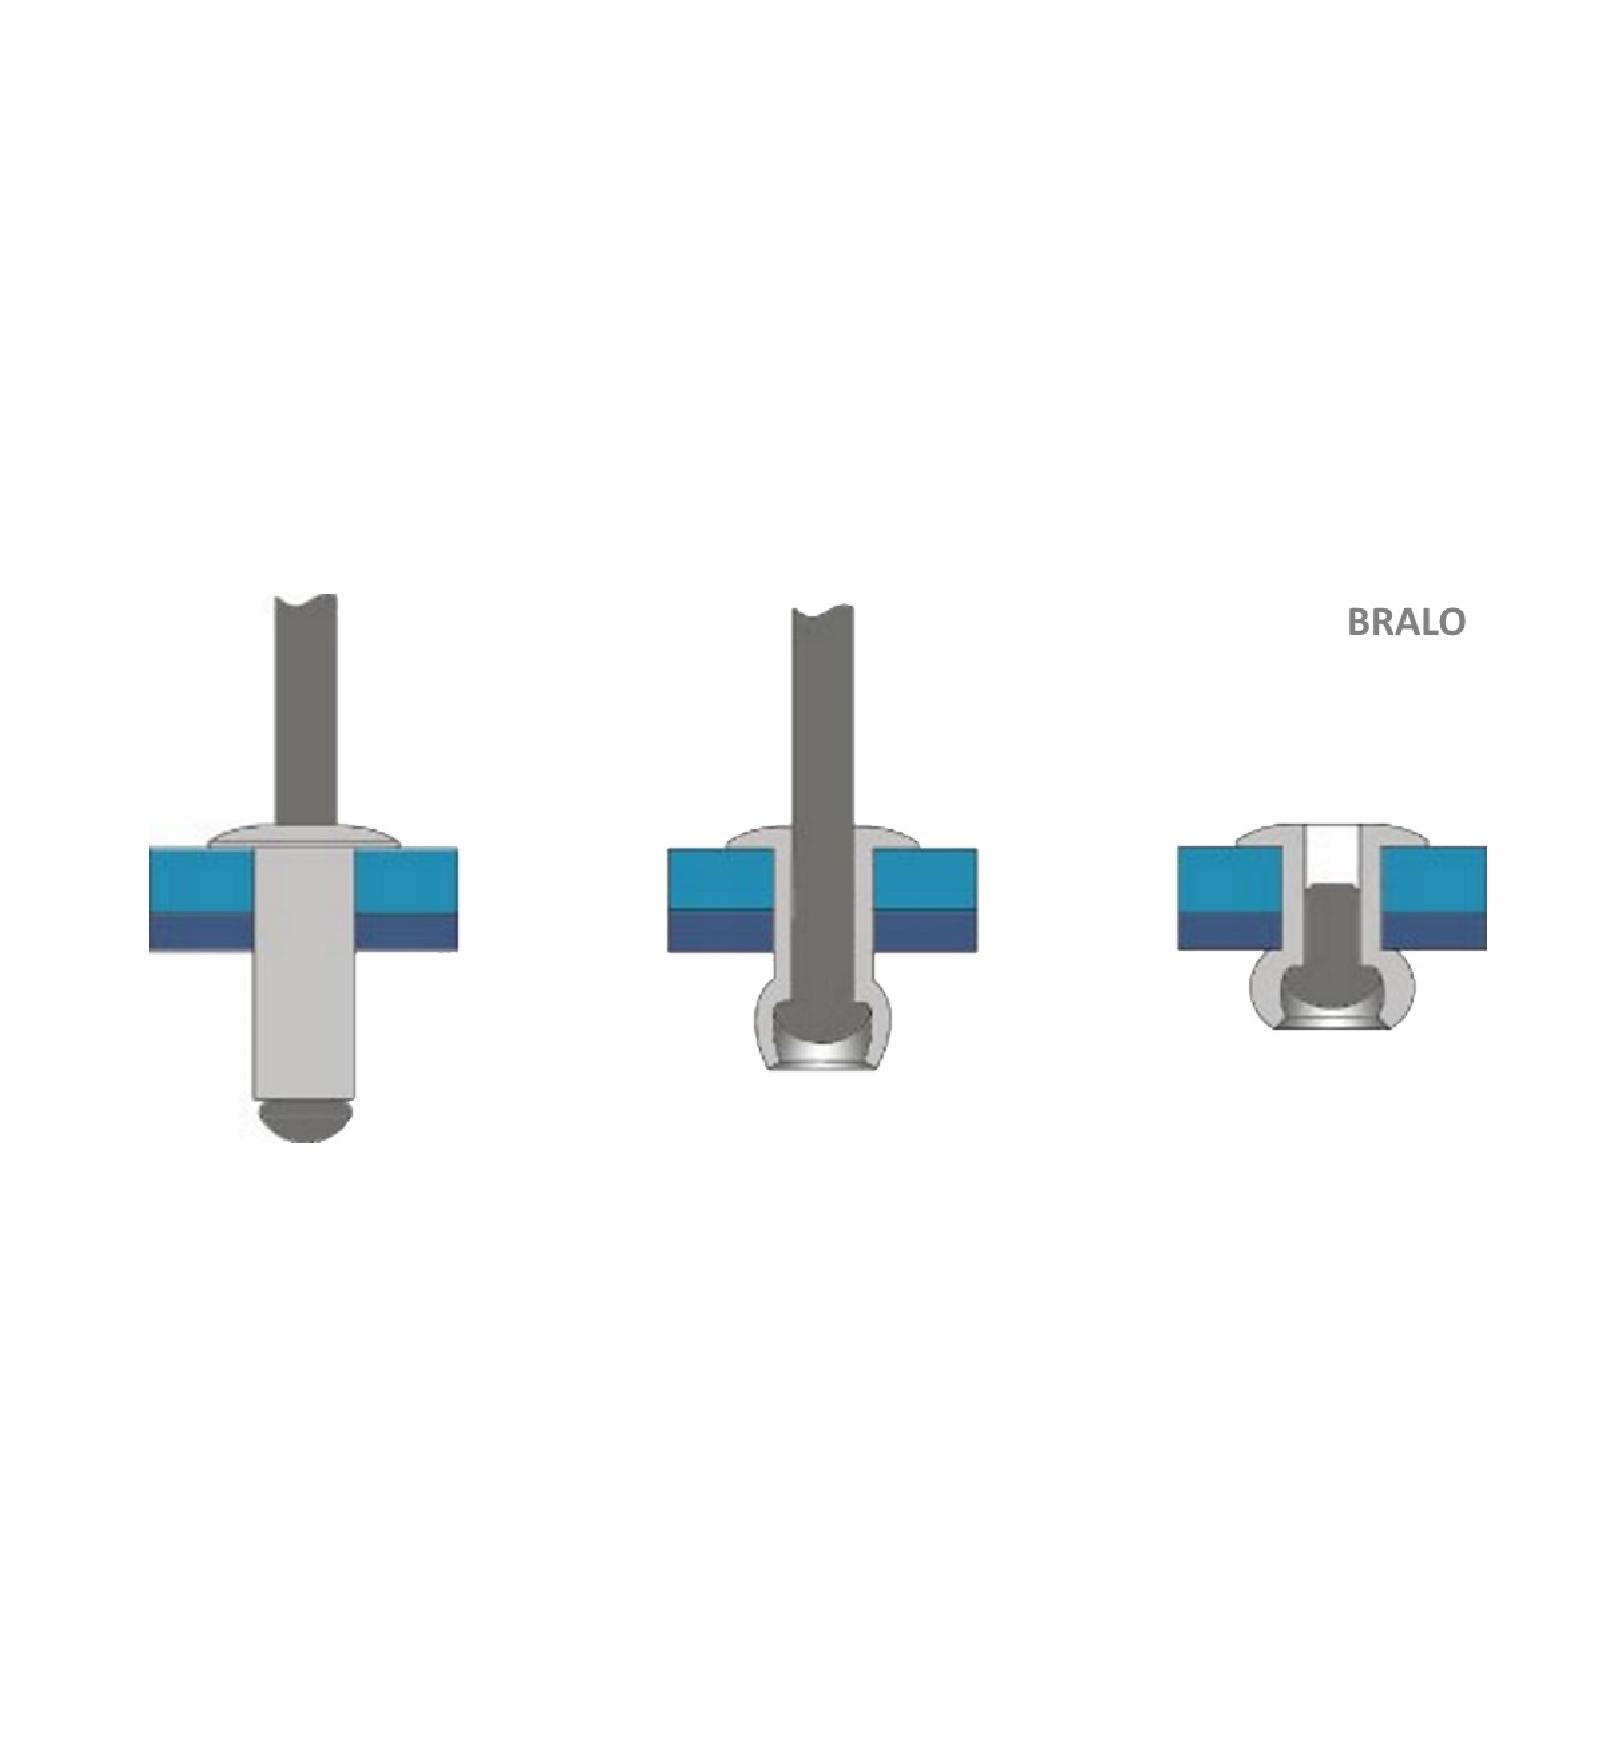 100x Blindniete für weiche Materialien 4,8 x 16 mm Bralo 55944816